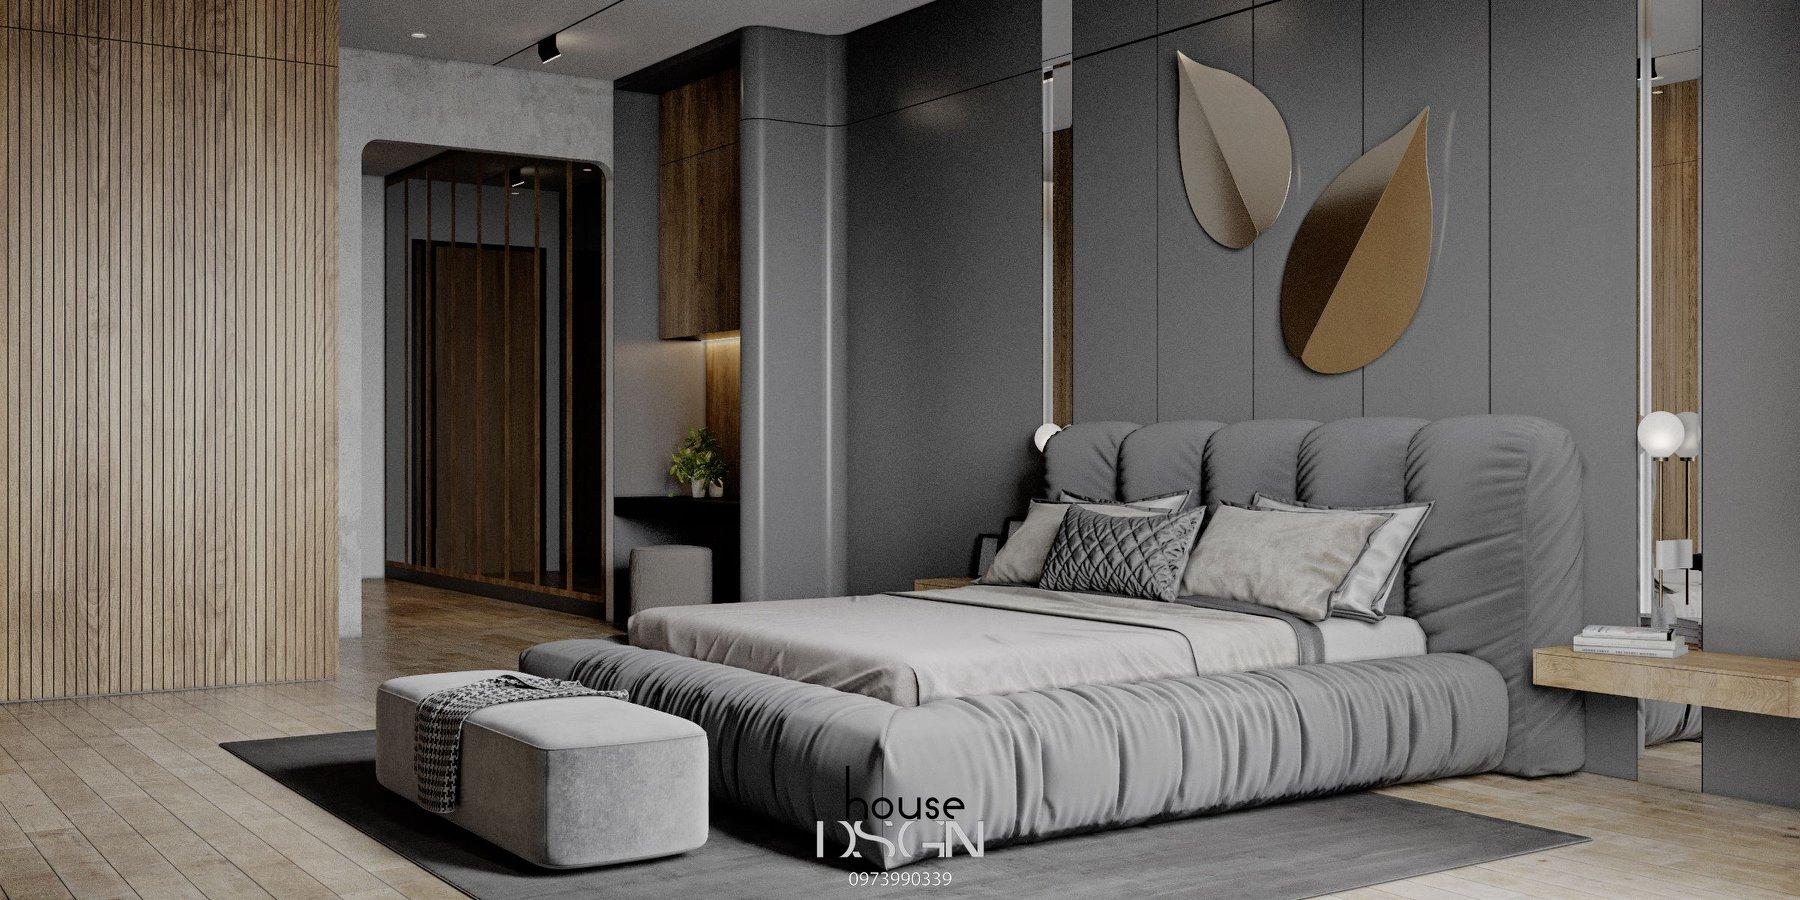 mẫu phong cách thiết kế nội thất mix and match đẹp